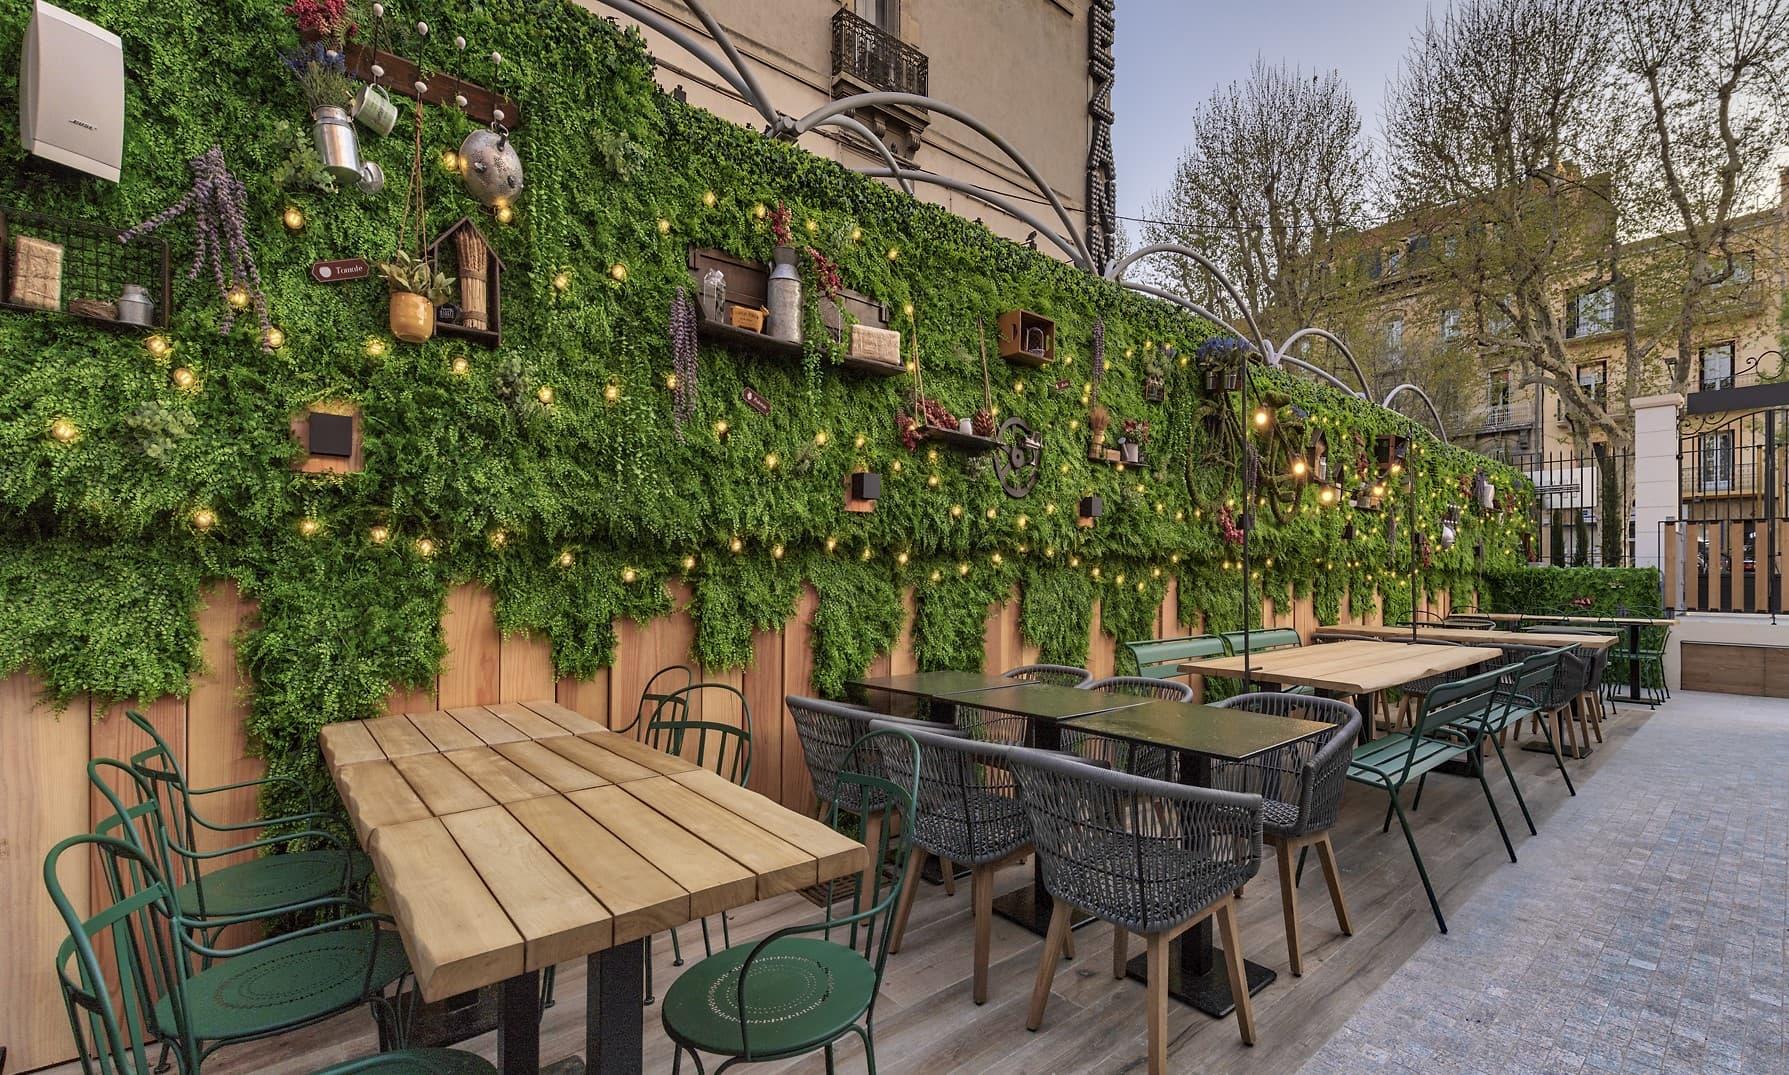 Eclairage du mur végétal sur la terrasse du restaurant